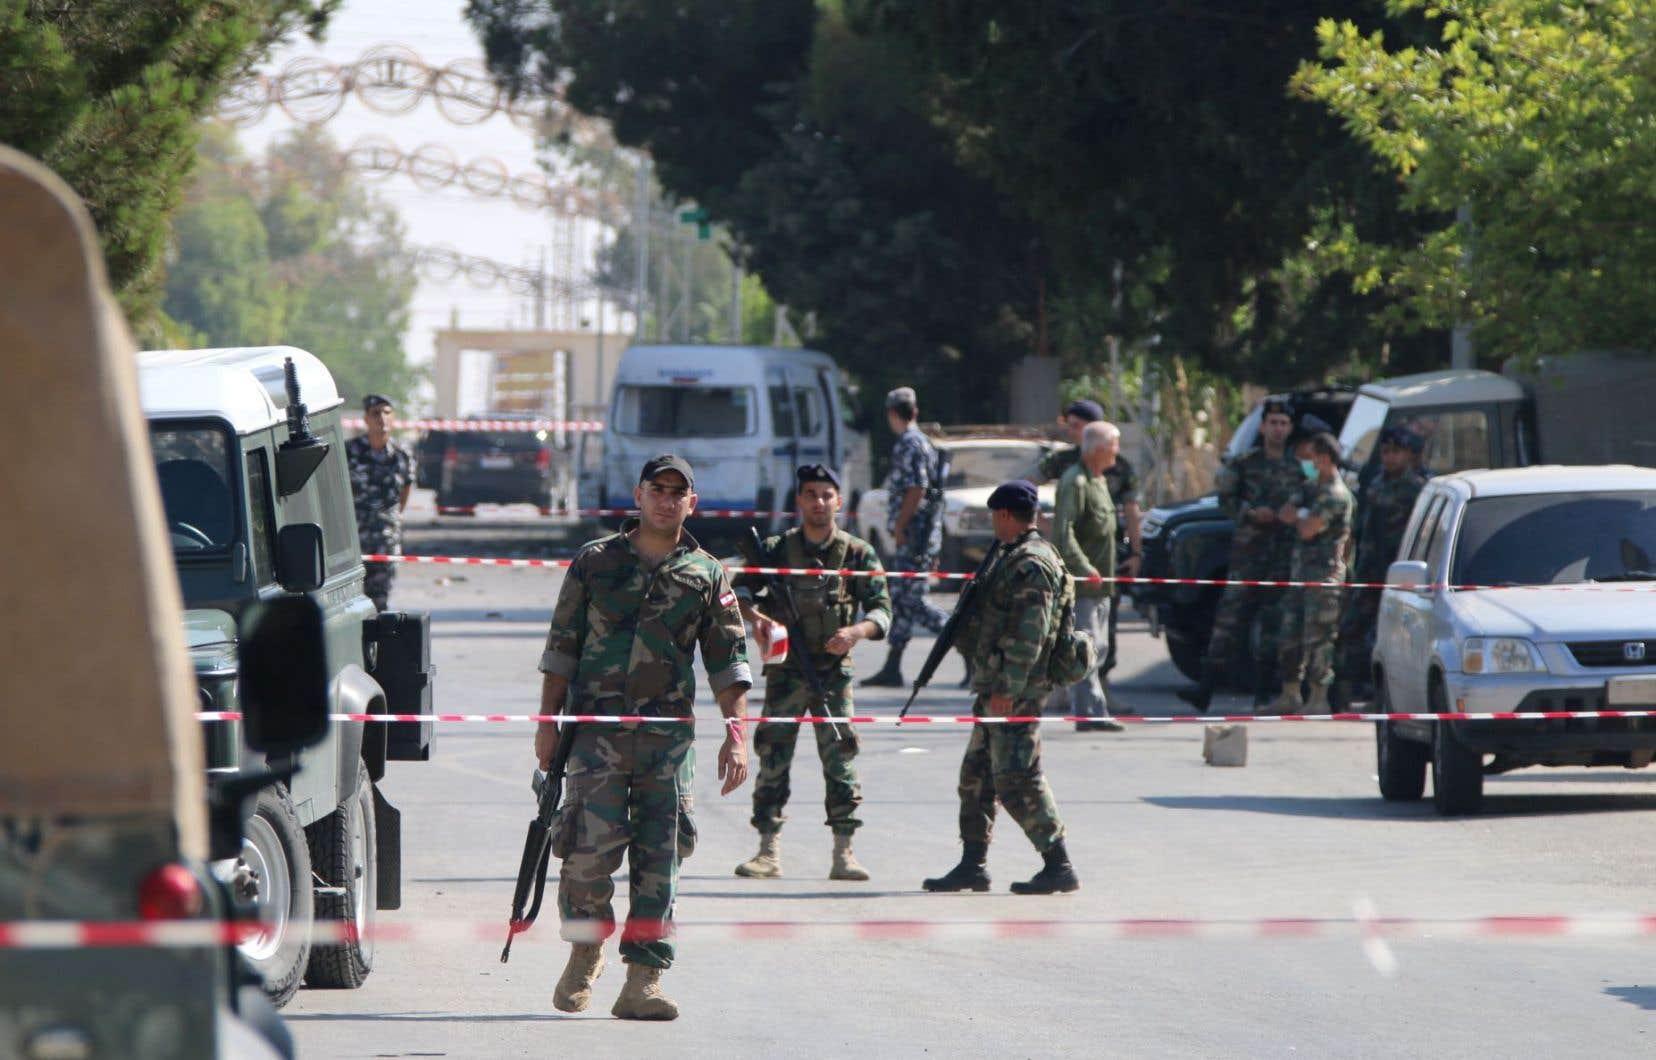 La zone d'Al-Qaa où ont eu lieu des attentats suicides a été sécurisée par les forces libanaises.